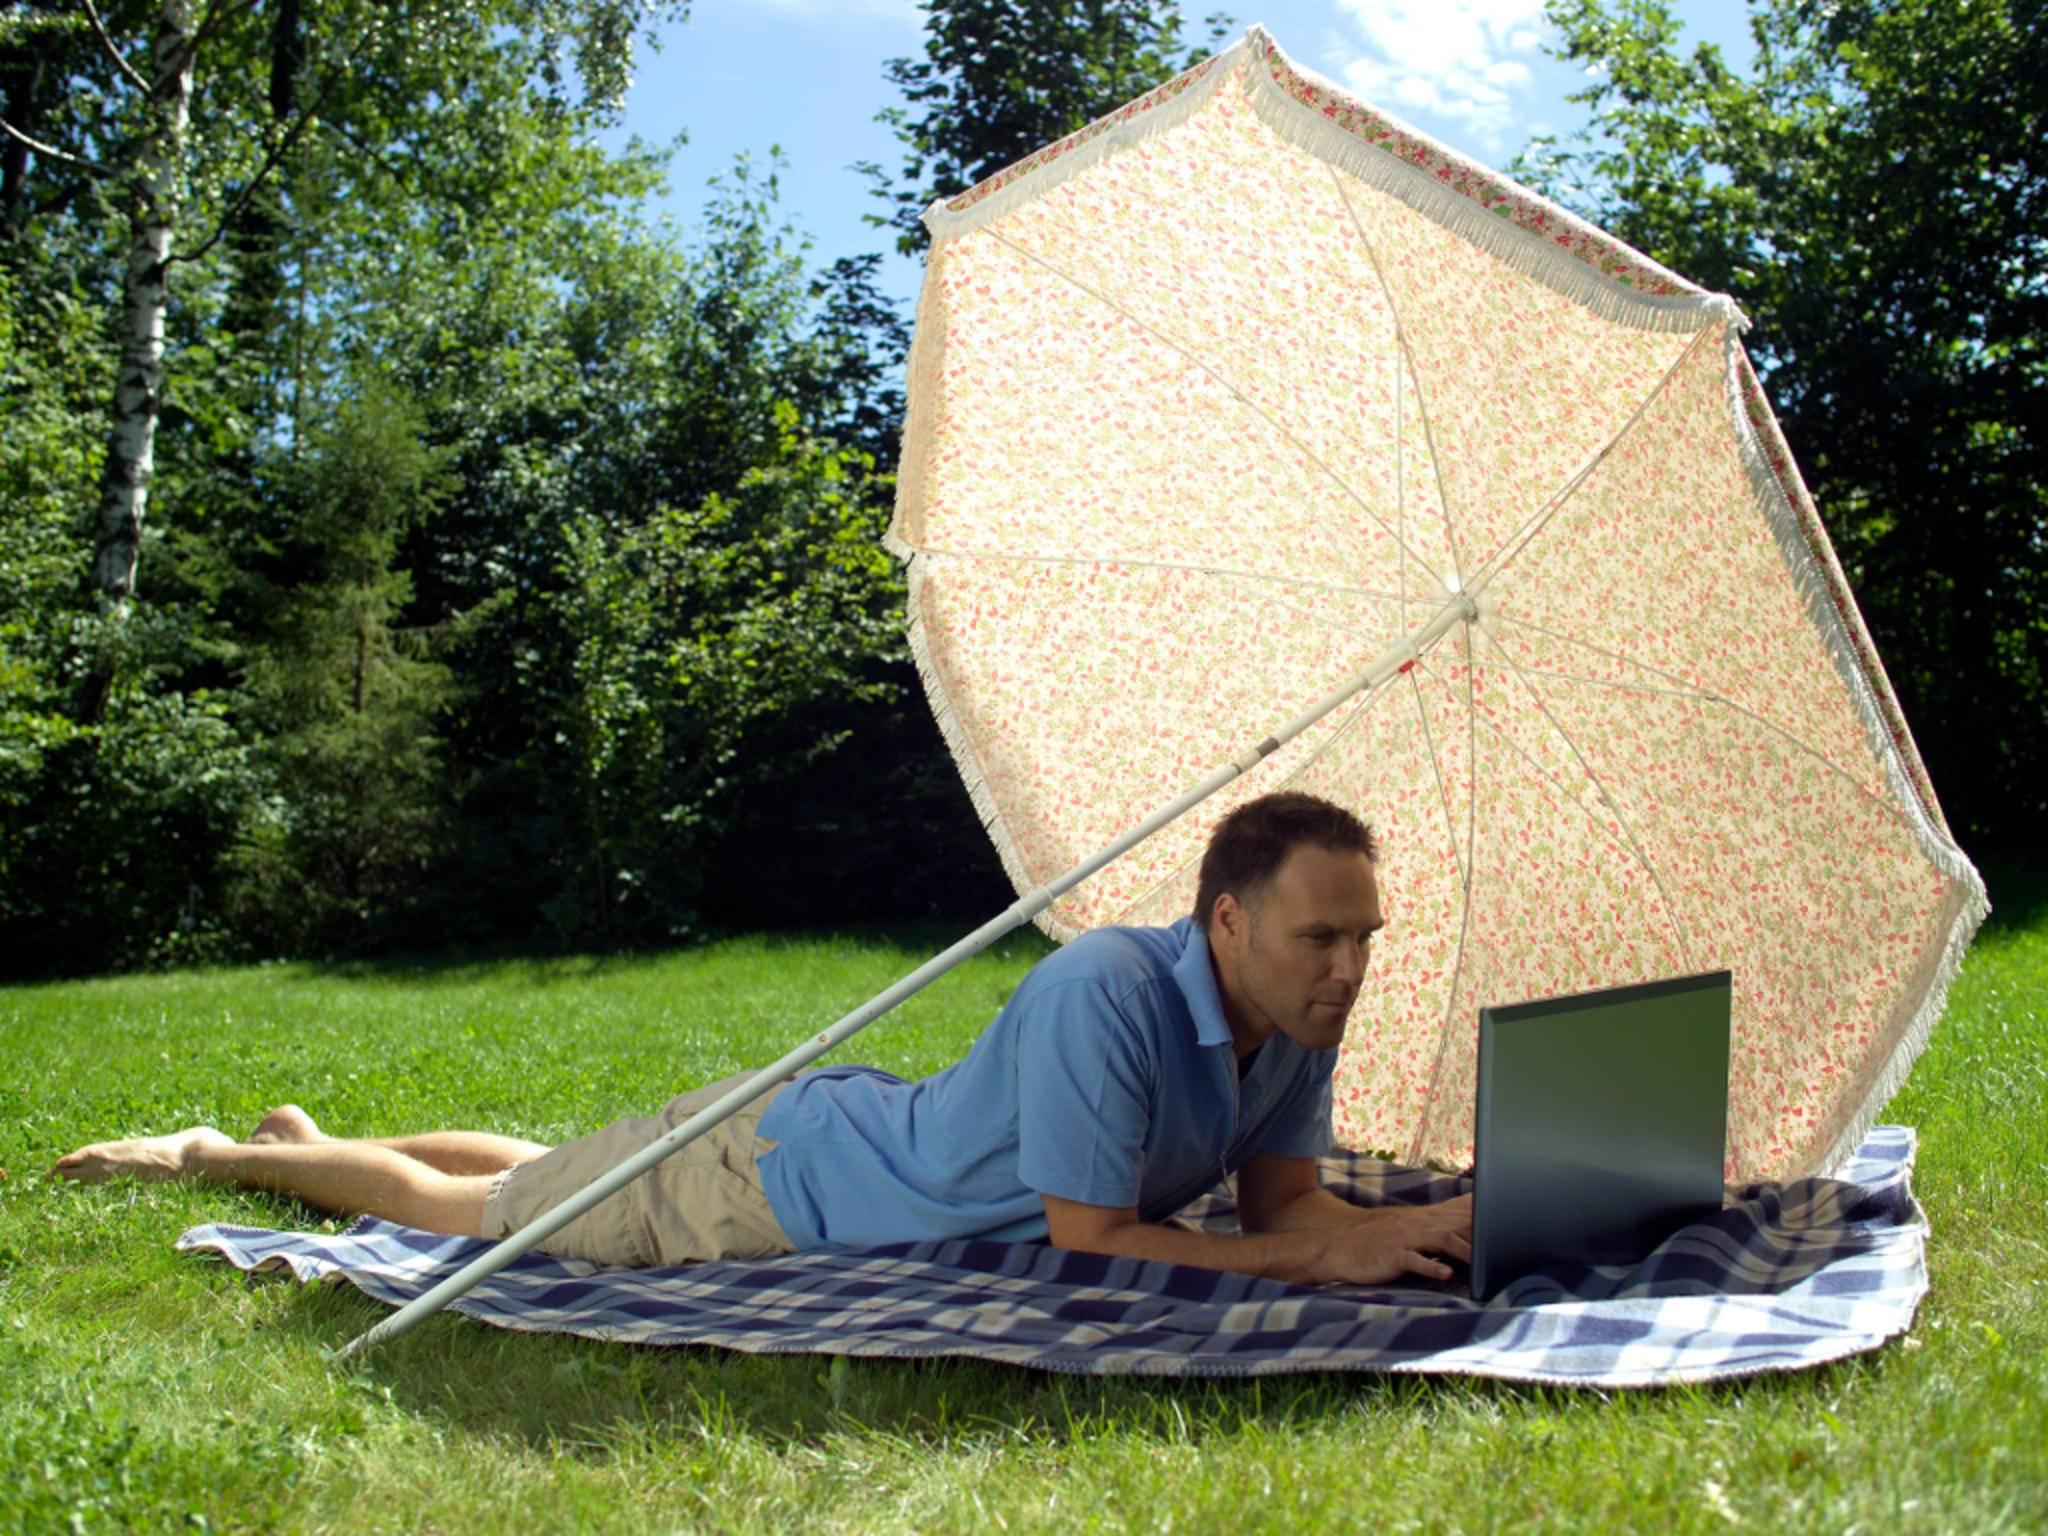 Mit einigen Tipps übersteht der Rechner auch hochsommerliche Temperaturen gut.